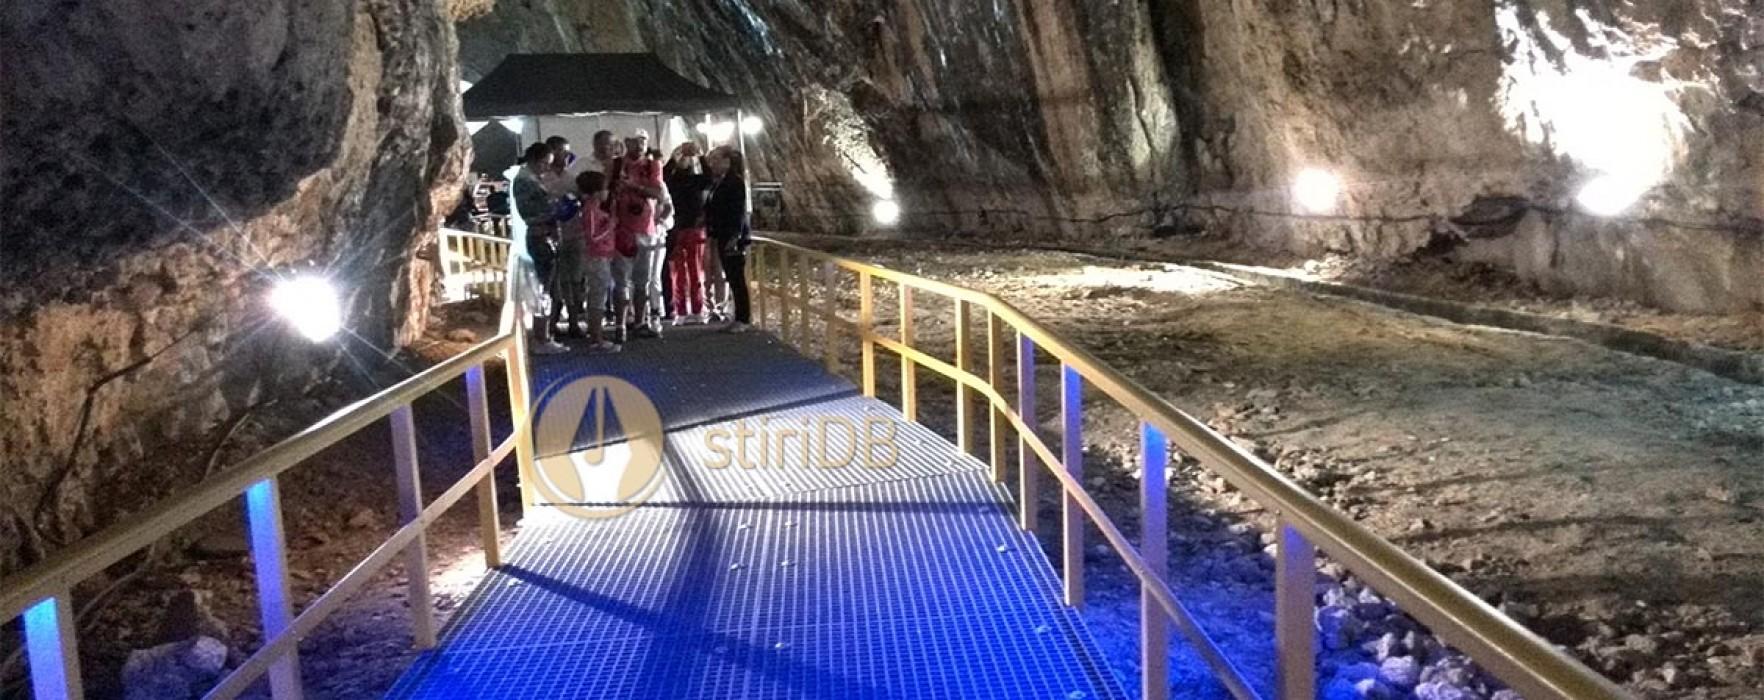 Dâmboviţa: Peştera Ialomiţei a fost redeschisă pentru vizitatori, după retragerea inundaţiilor